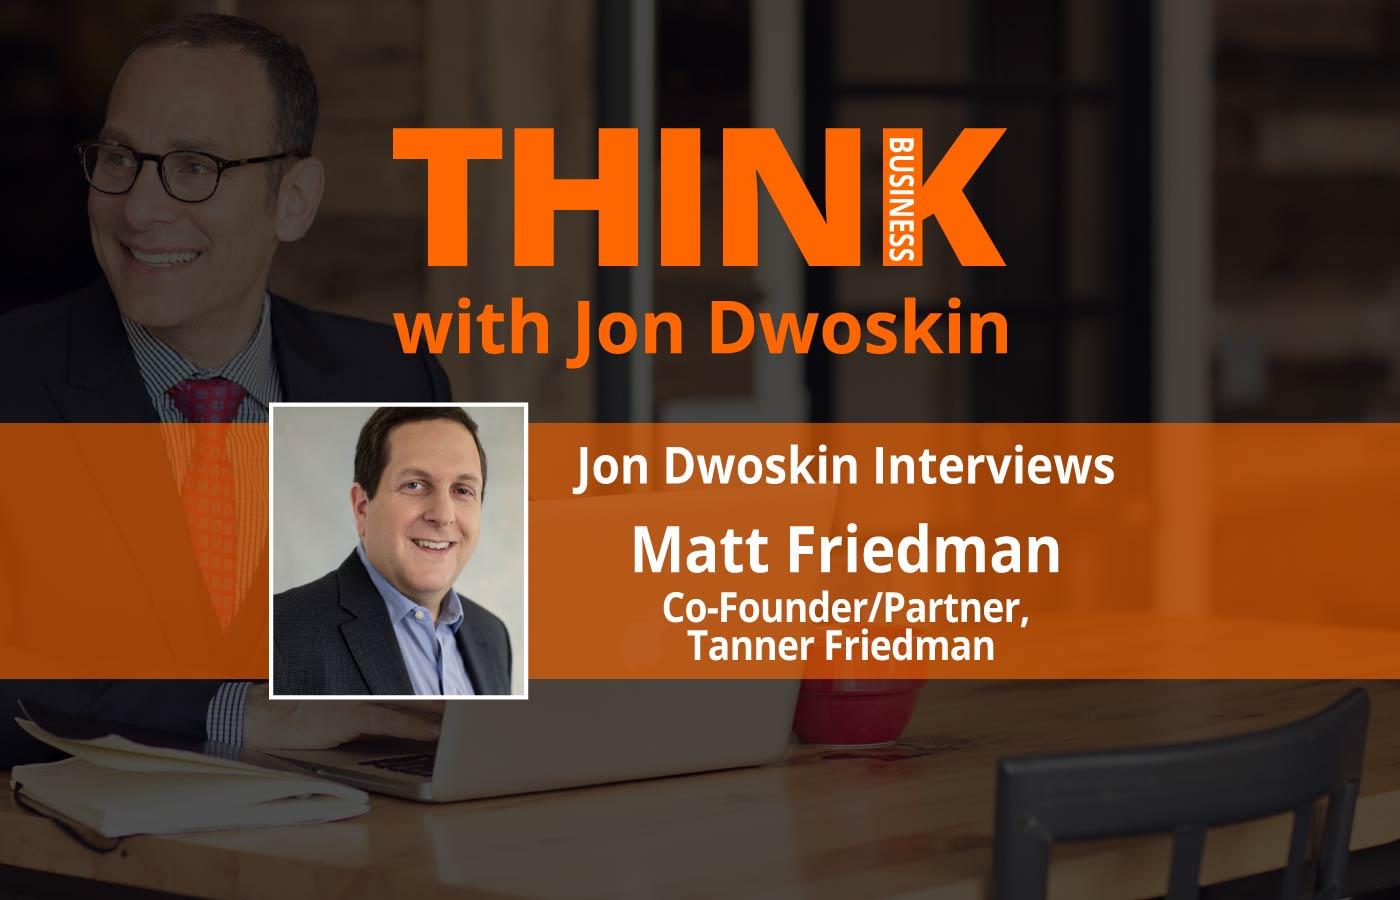 THINK Business: Jon Dwoskin Interviews Matt Friedman, Co-Founder/Partner, Tanner Friedman